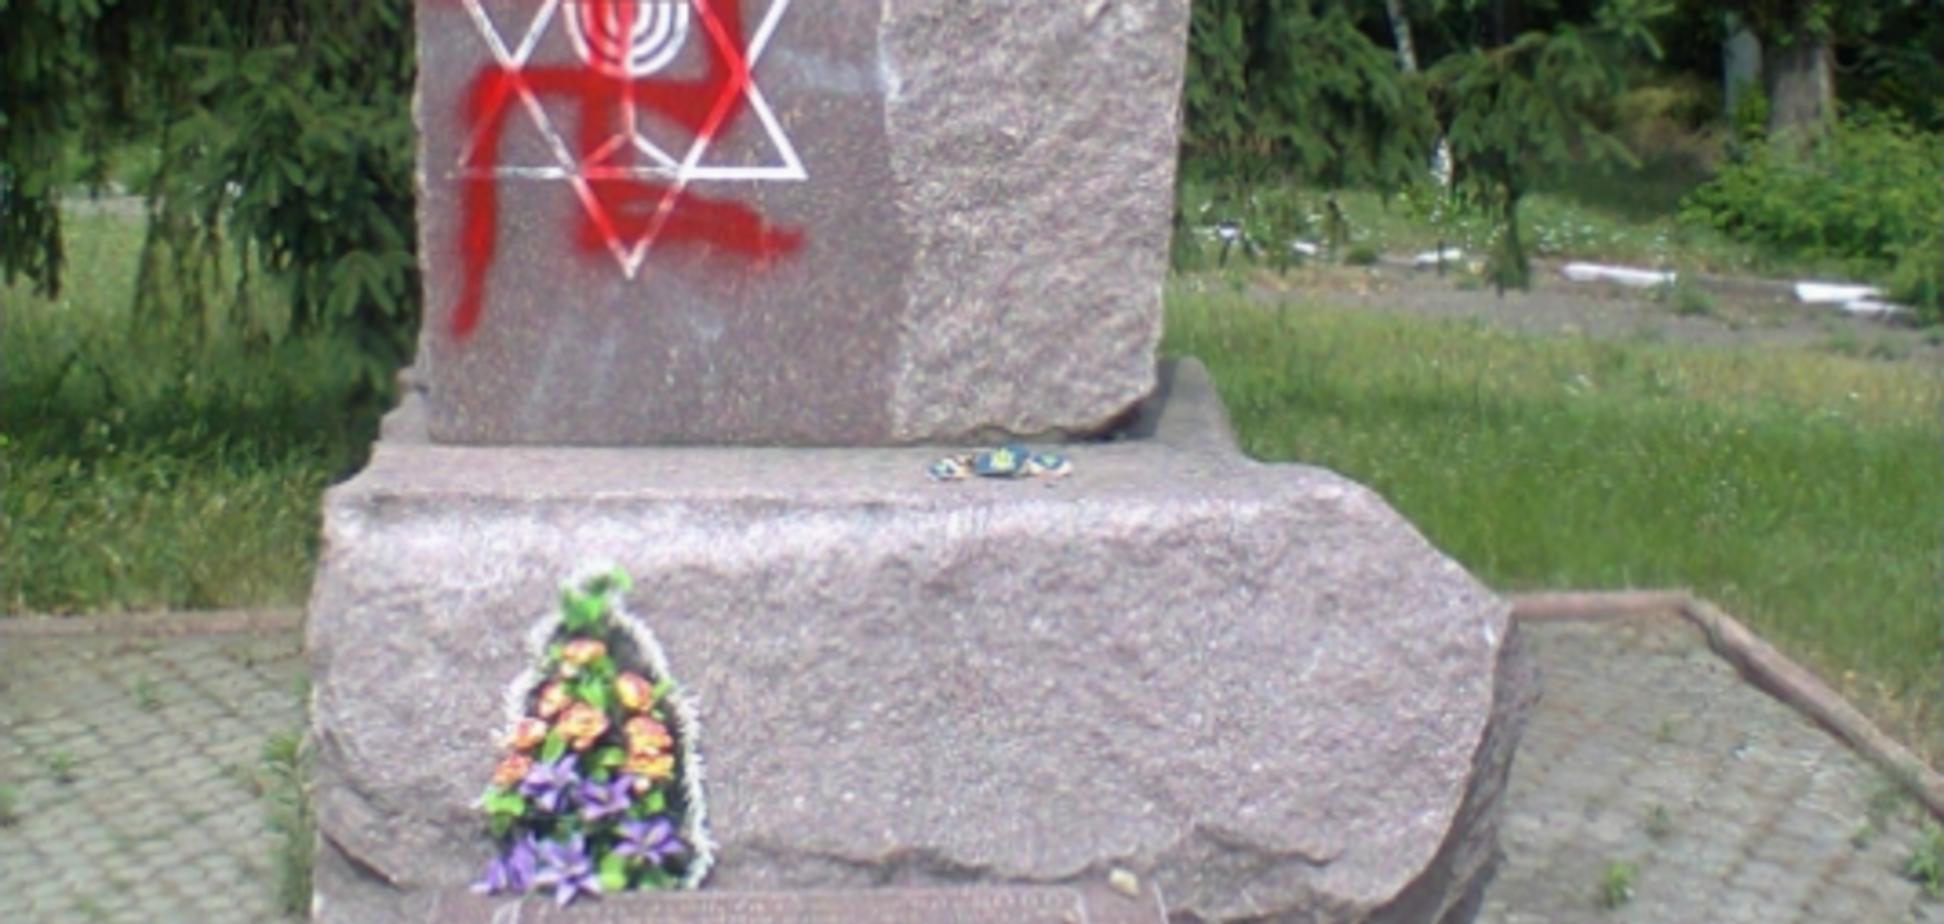 Серйозна загроза: в 'зростанні антисемітизму' в Україні побачили 'російський слід'